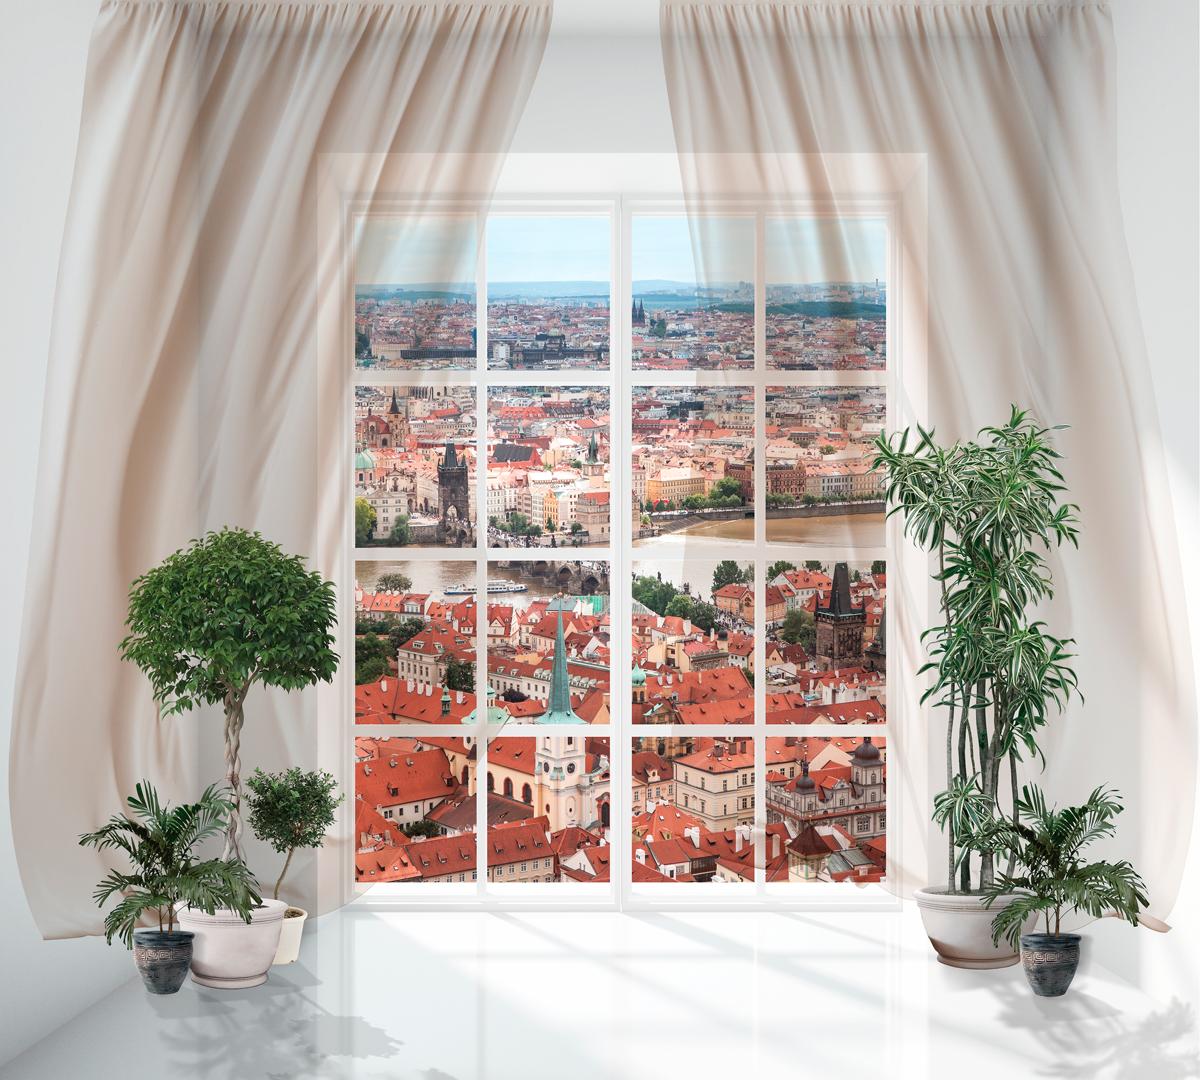 Фотообои Barton Wallpapers Города, 300 x 270 см. U29603RG-D31SФотообои Barton Wallpapers позволят создать неповторимый облик помещения, в котором они размещены. Фотообои наносятся на стены тем же способом, что и обычные обои. Рельефная структура основы делает фотообои необычными, неповторимыми, глубокими и манящими.Фотообои снова вошли в нашу жизнь, став модным направлением декорирования интерьера. Выбрав правильную фактуру и сюжет изображения можно добиться невероятного эффекта живого присутствия.